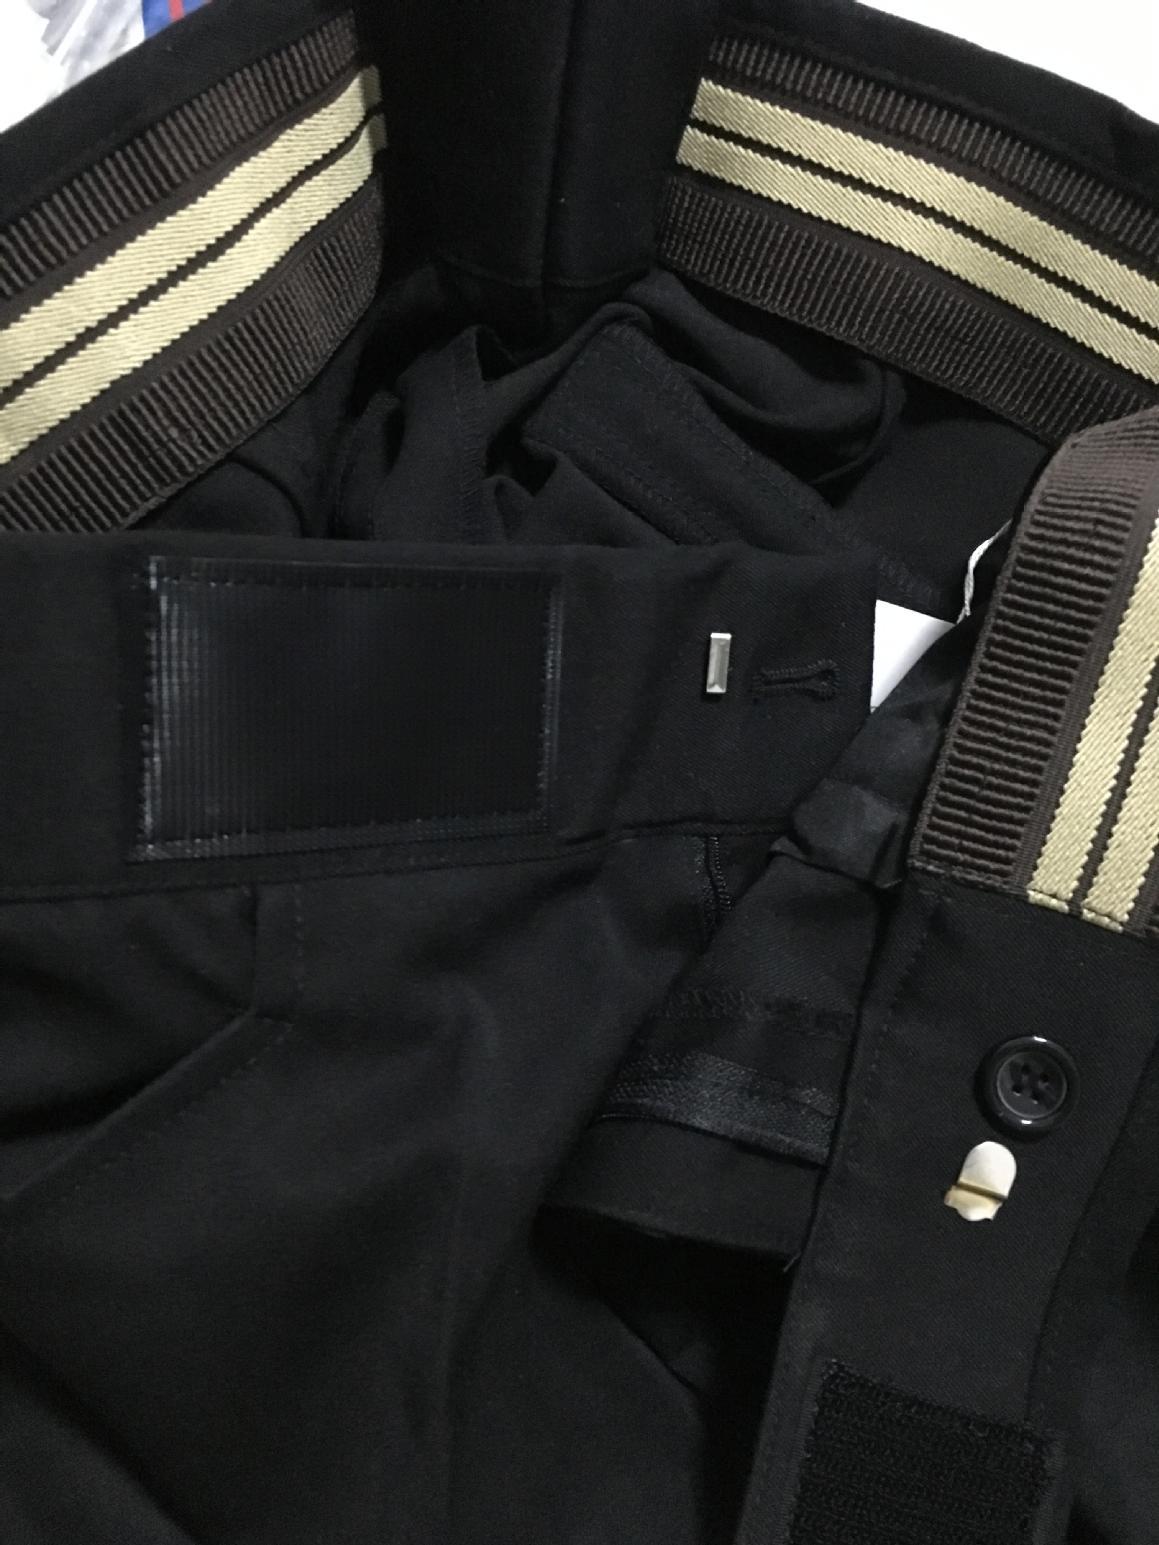 篮球裁判服裤子 新款高腰免皮带无LOGO设计 大魔术贴带纽扣 包邮